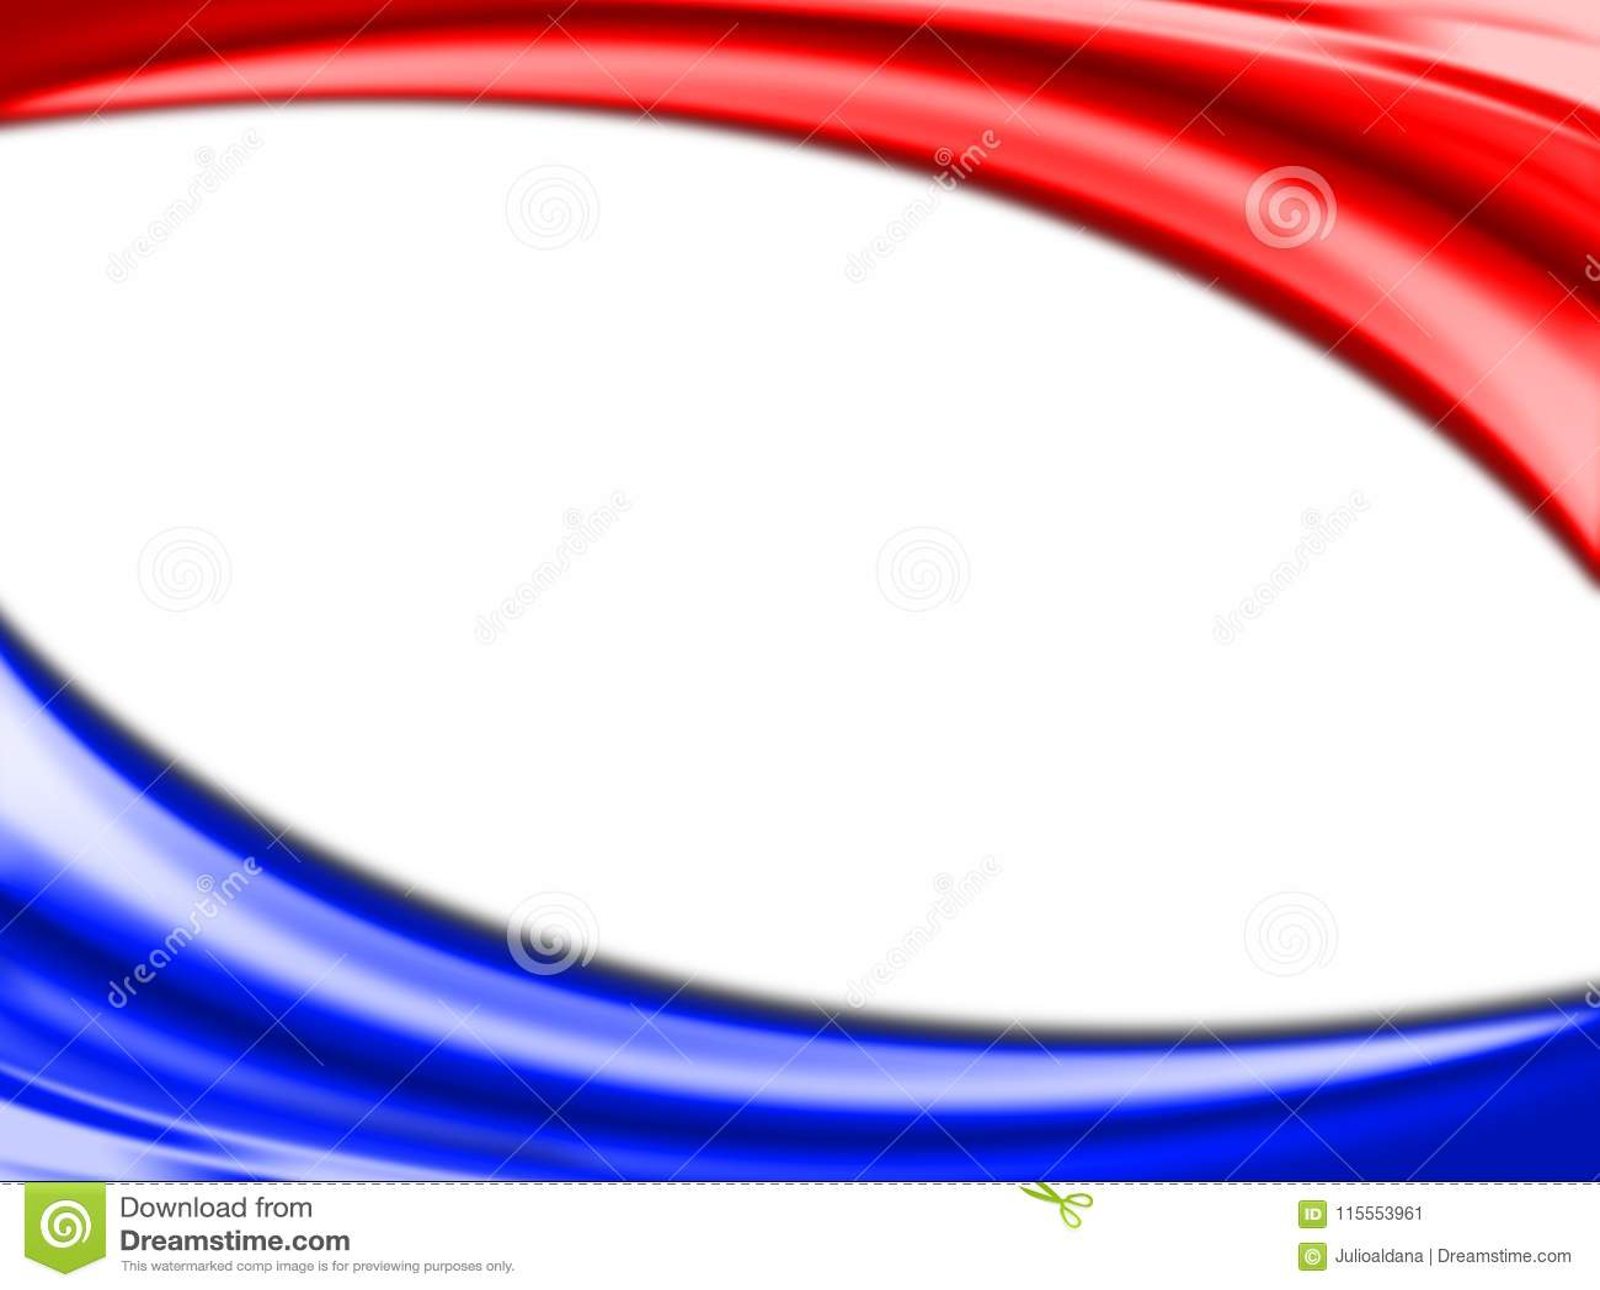 Fondo Abstracto Suave Abstracto Del Rojo, Azul Y Blanco